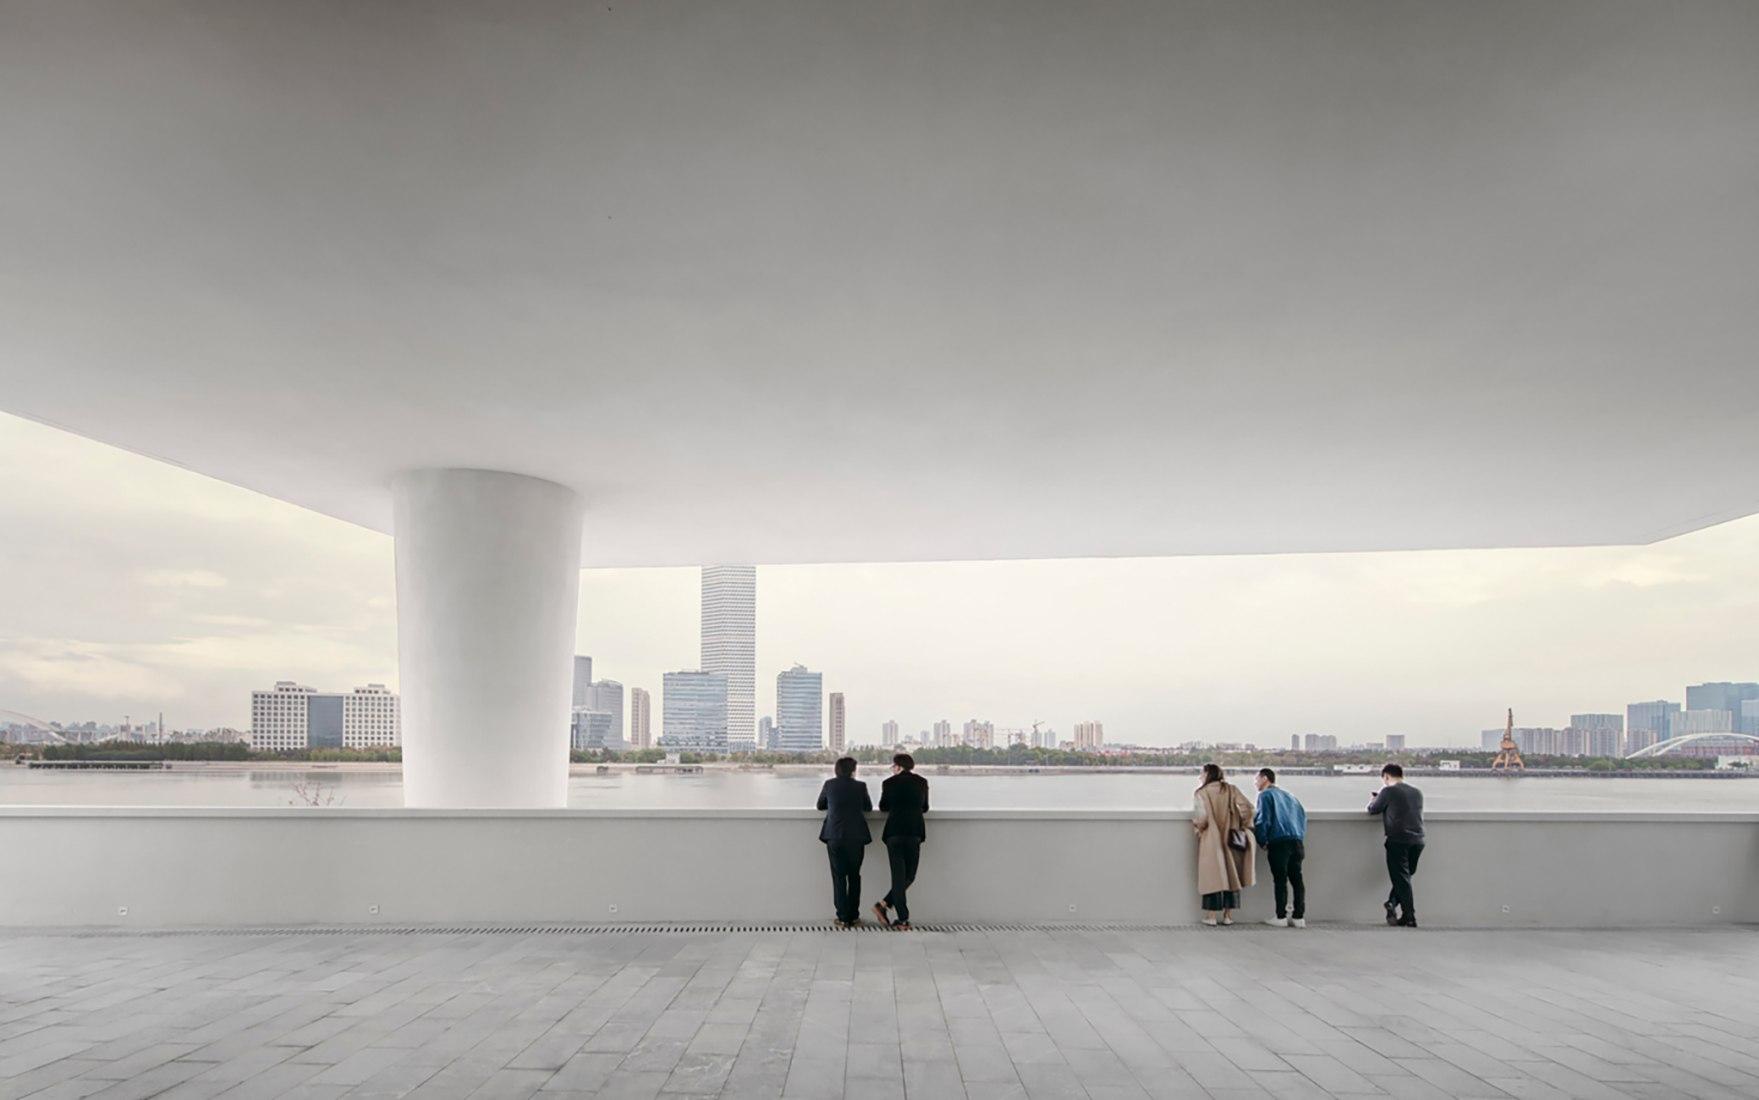 Centre Pompidou x West Bund Museum por David Chipperfield Architects. Fotografía por Simon Menges